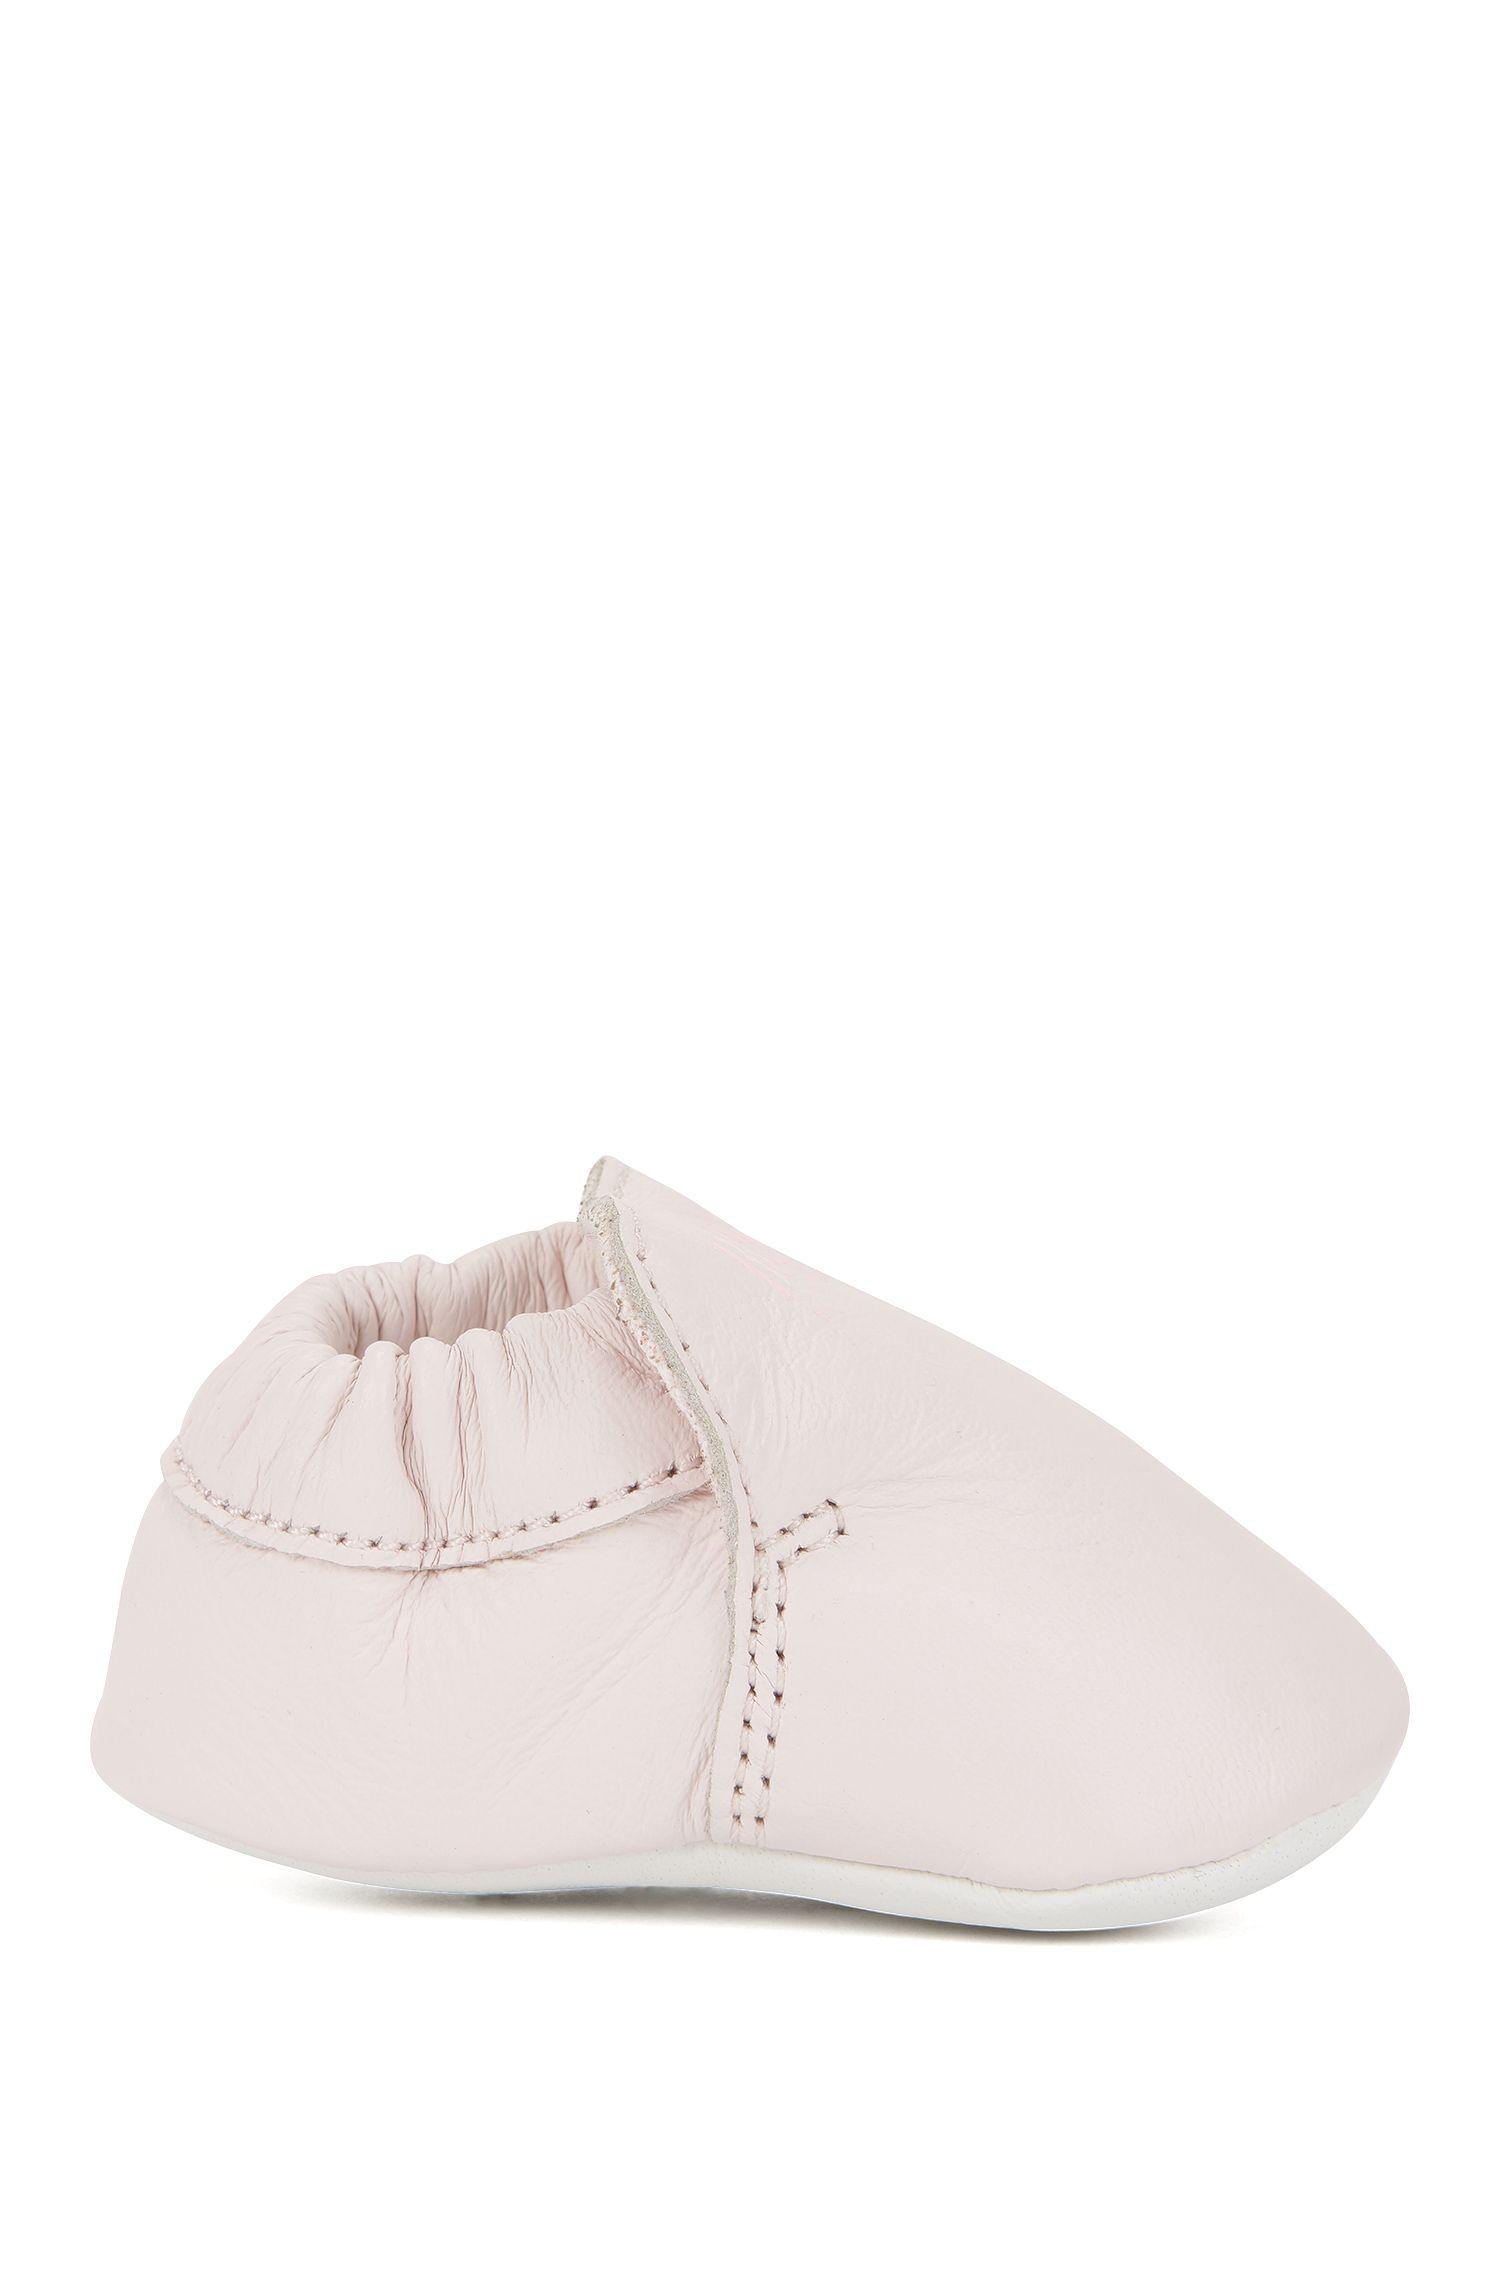 Baby-Schuhe aus weichem Leder